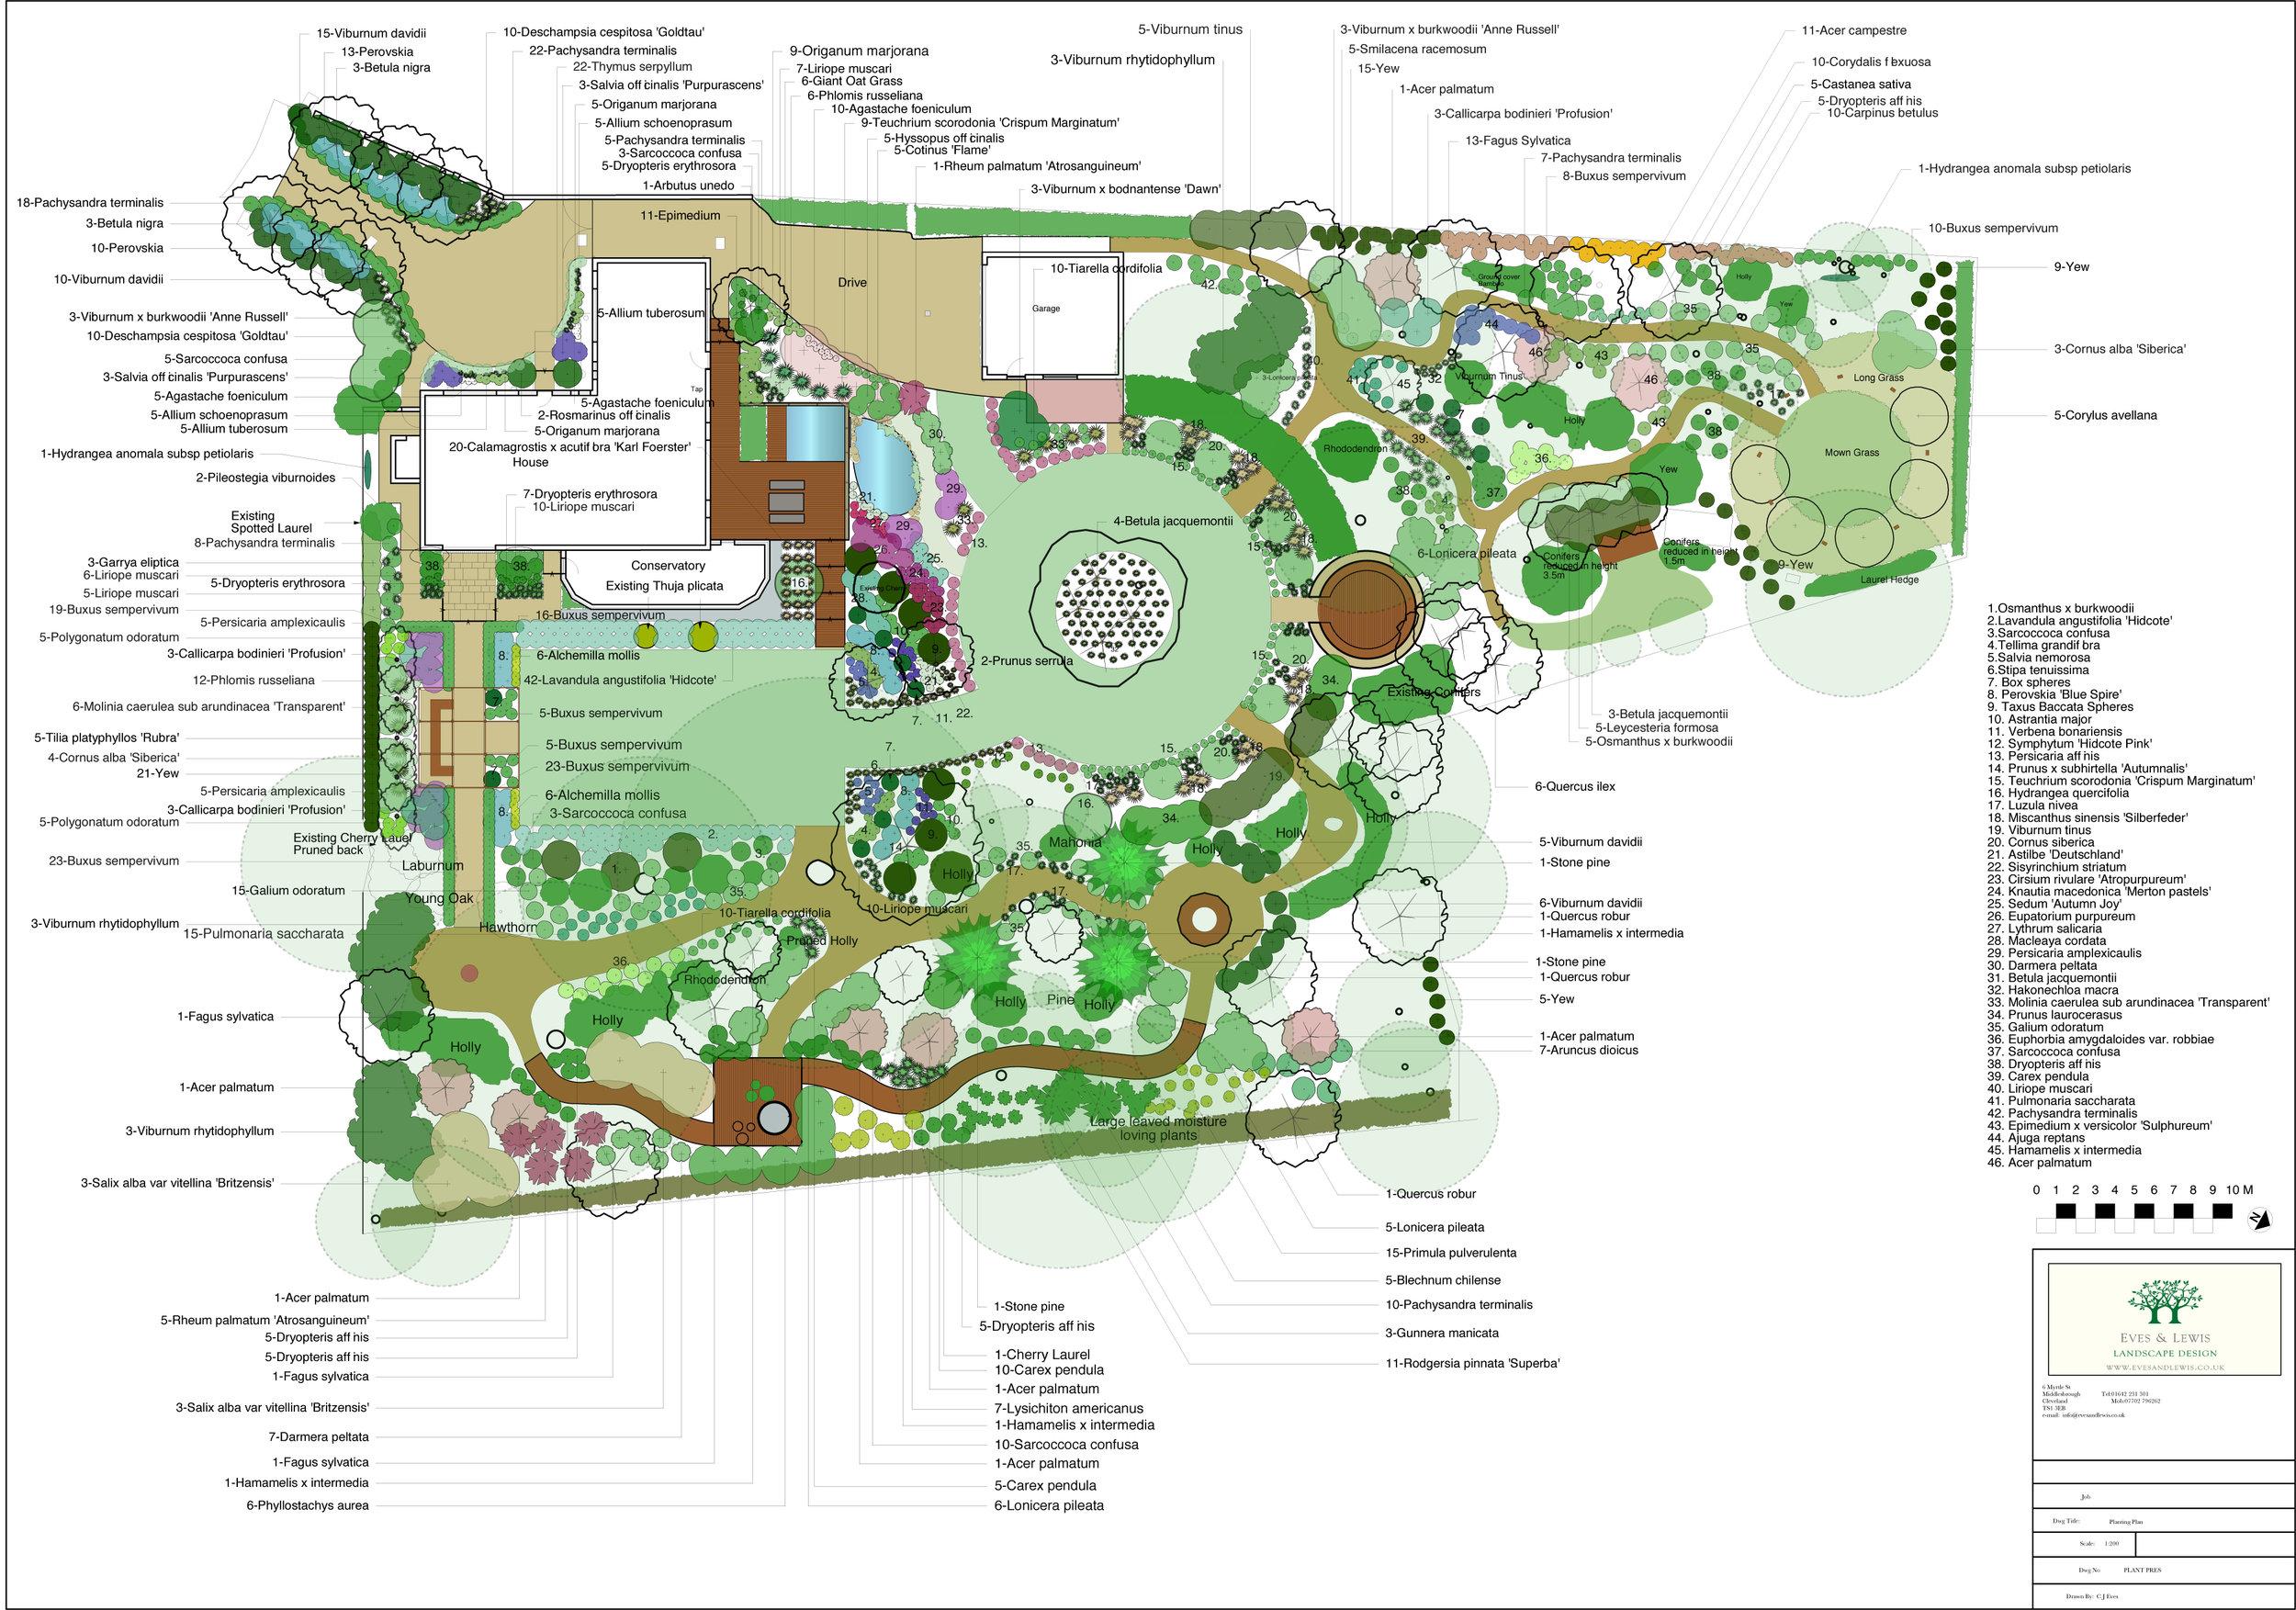 Planting Plan by Eves & Lewis Landscape Design